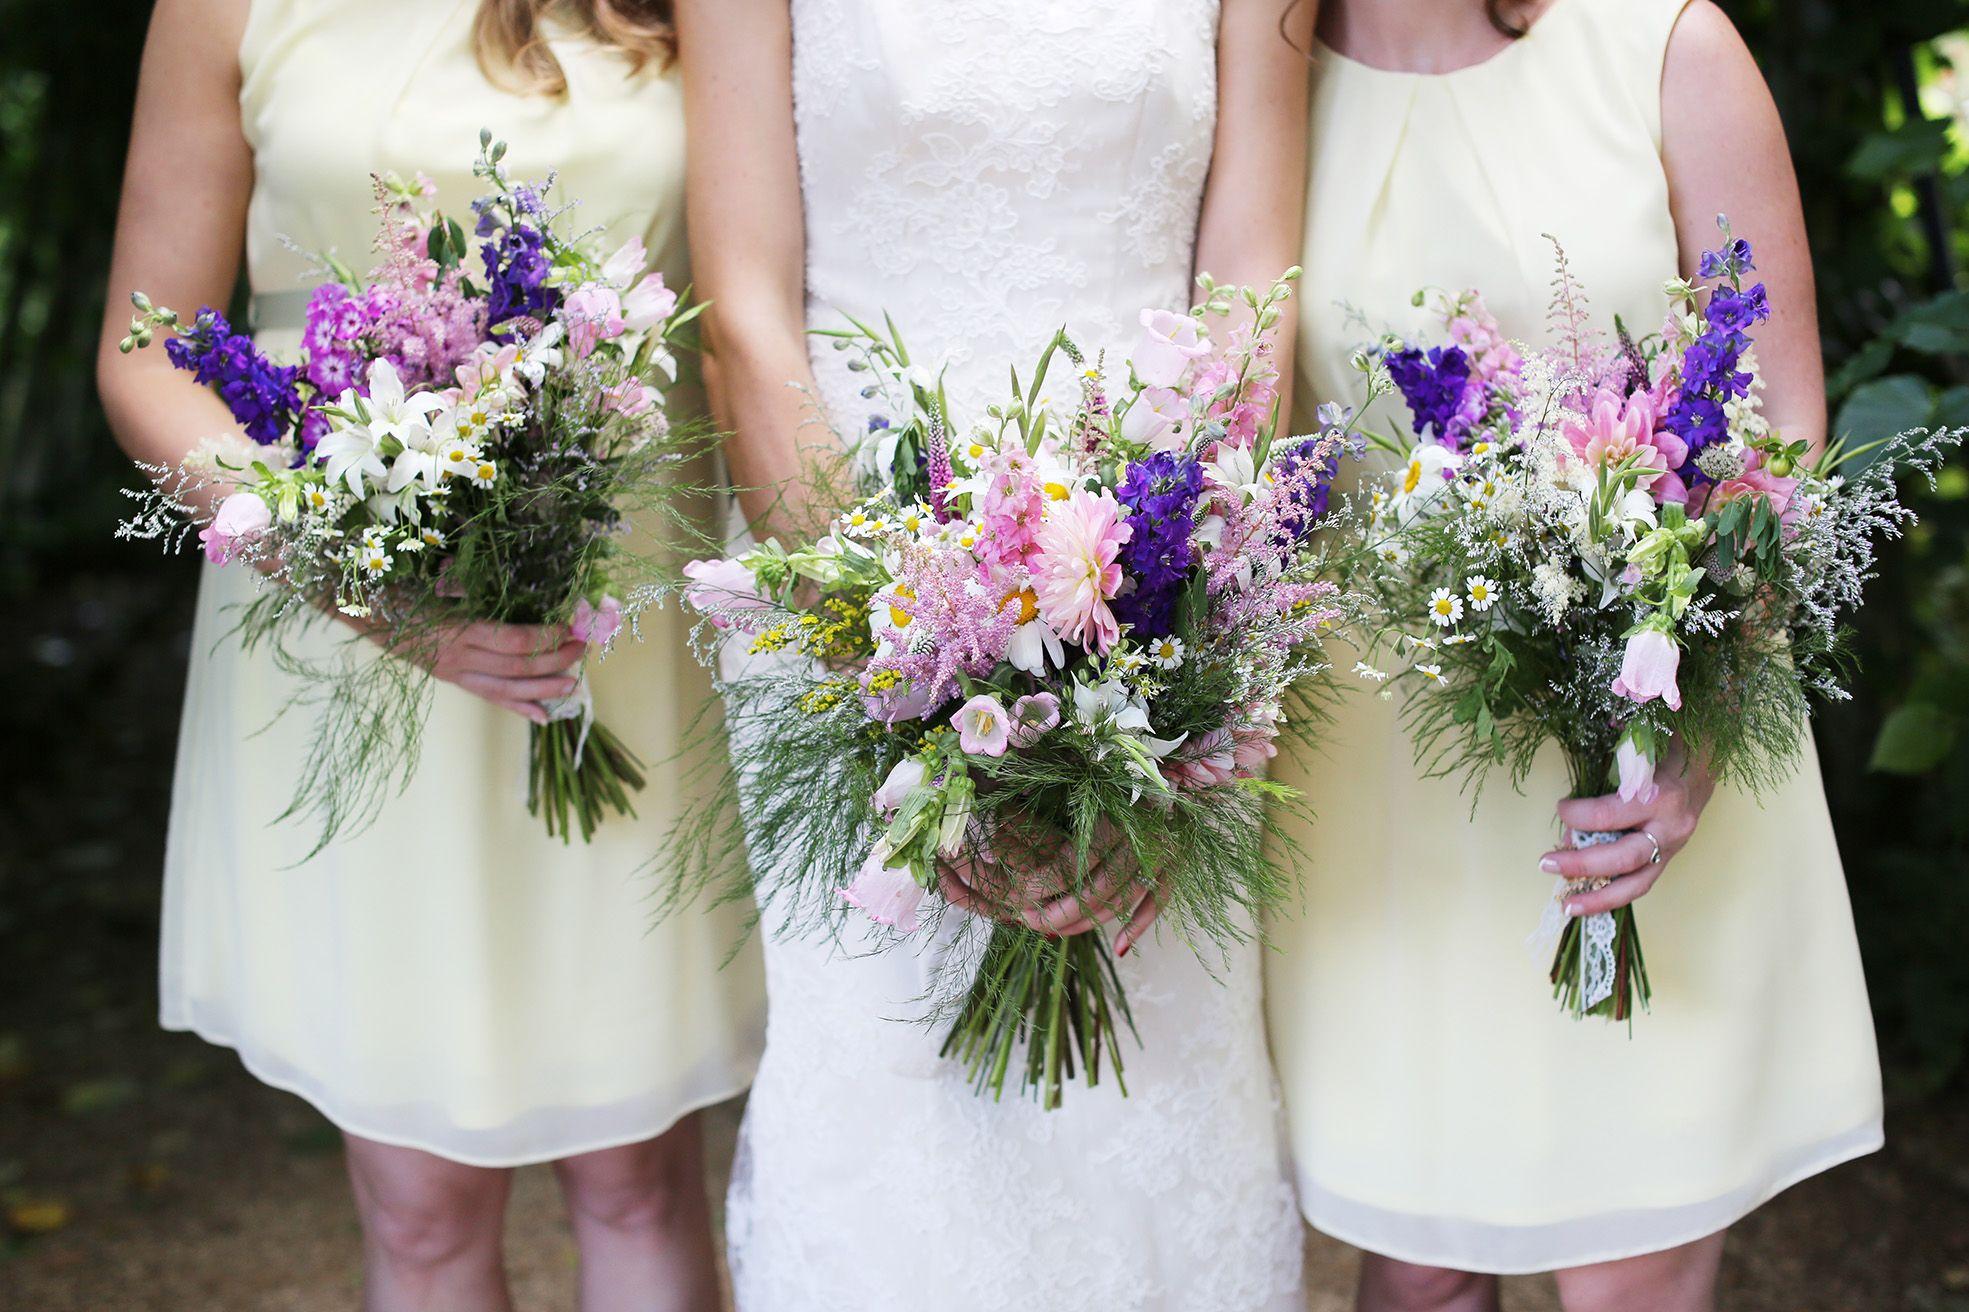 Wedding Bouquets Of English Cottage Garden Flowers Wedding Bridesmaid Bouquets Summer Garden Wedding Wedding Flowers